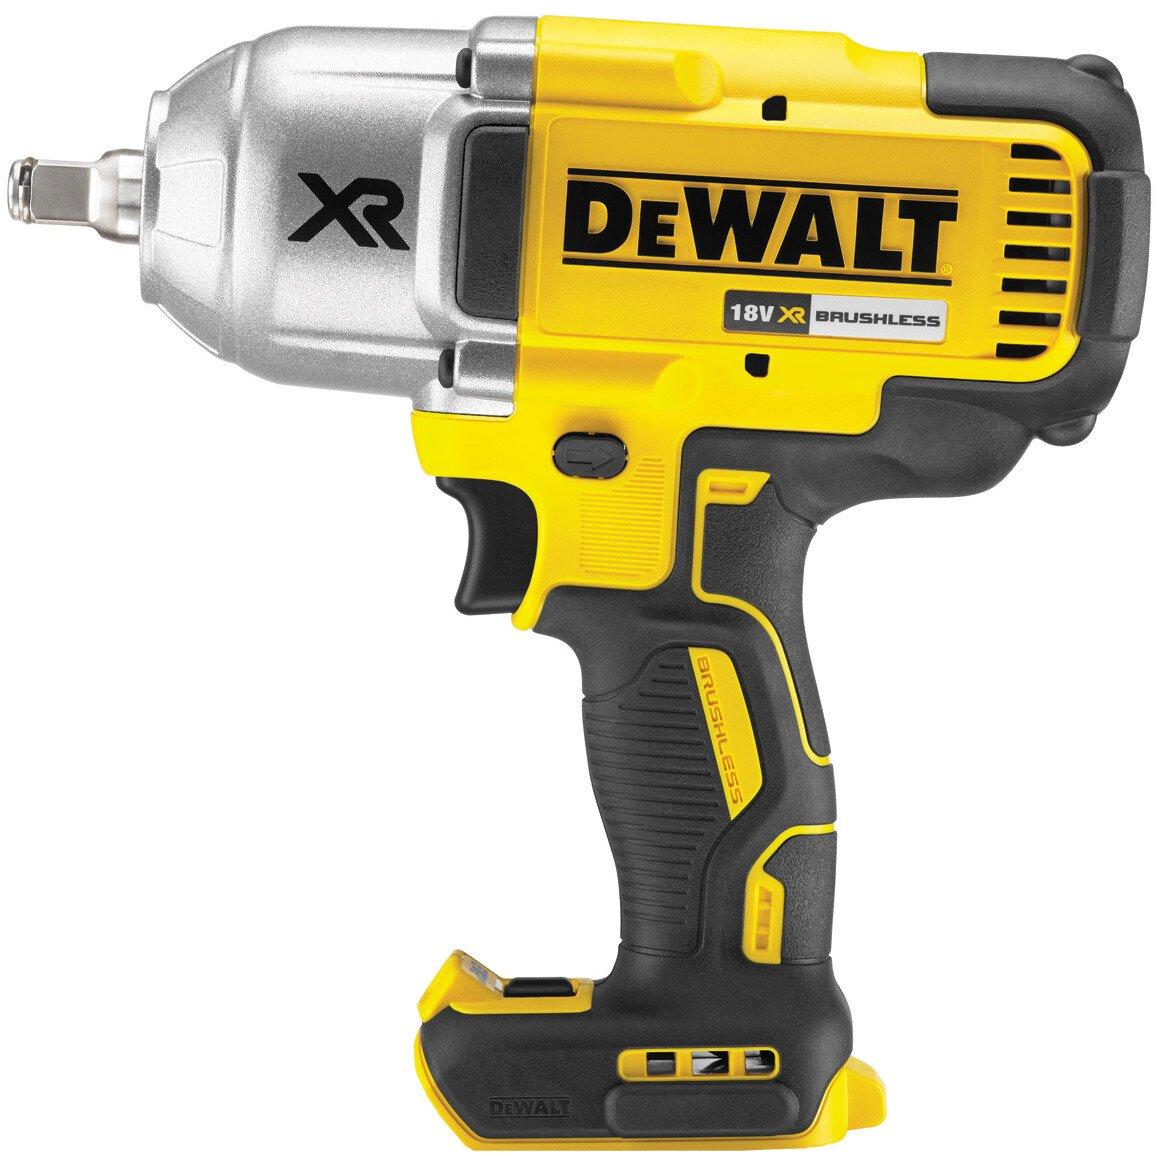 DeWalt DCF899HN-XJ Body Only 18V Brushless High Torque XR Impact Wrench (Hog Ring)